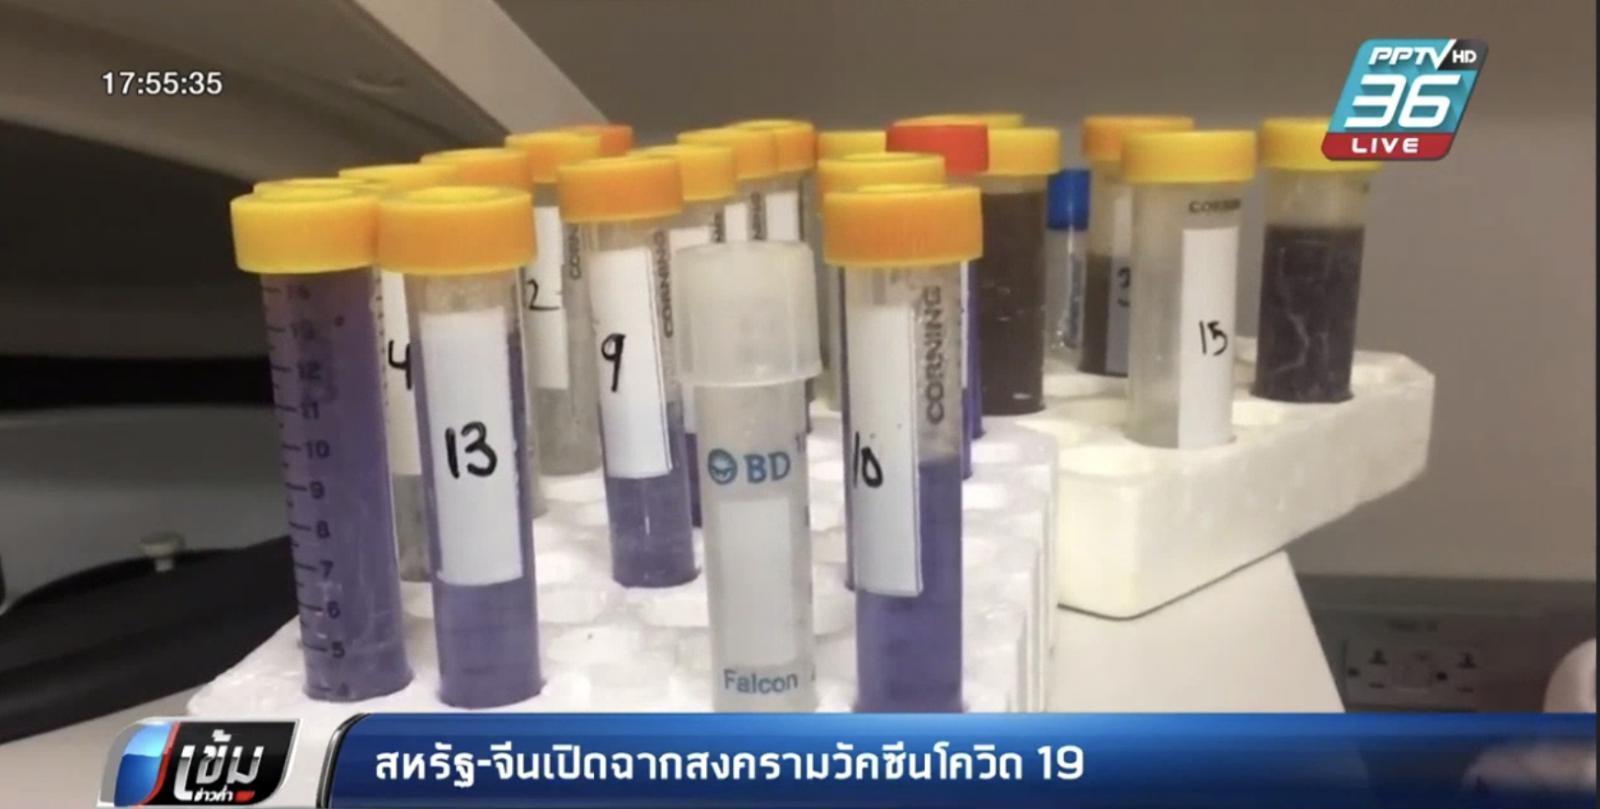 สหรัฐ-จีนเปิดฉากสงครามวัคซีนโควิด 19